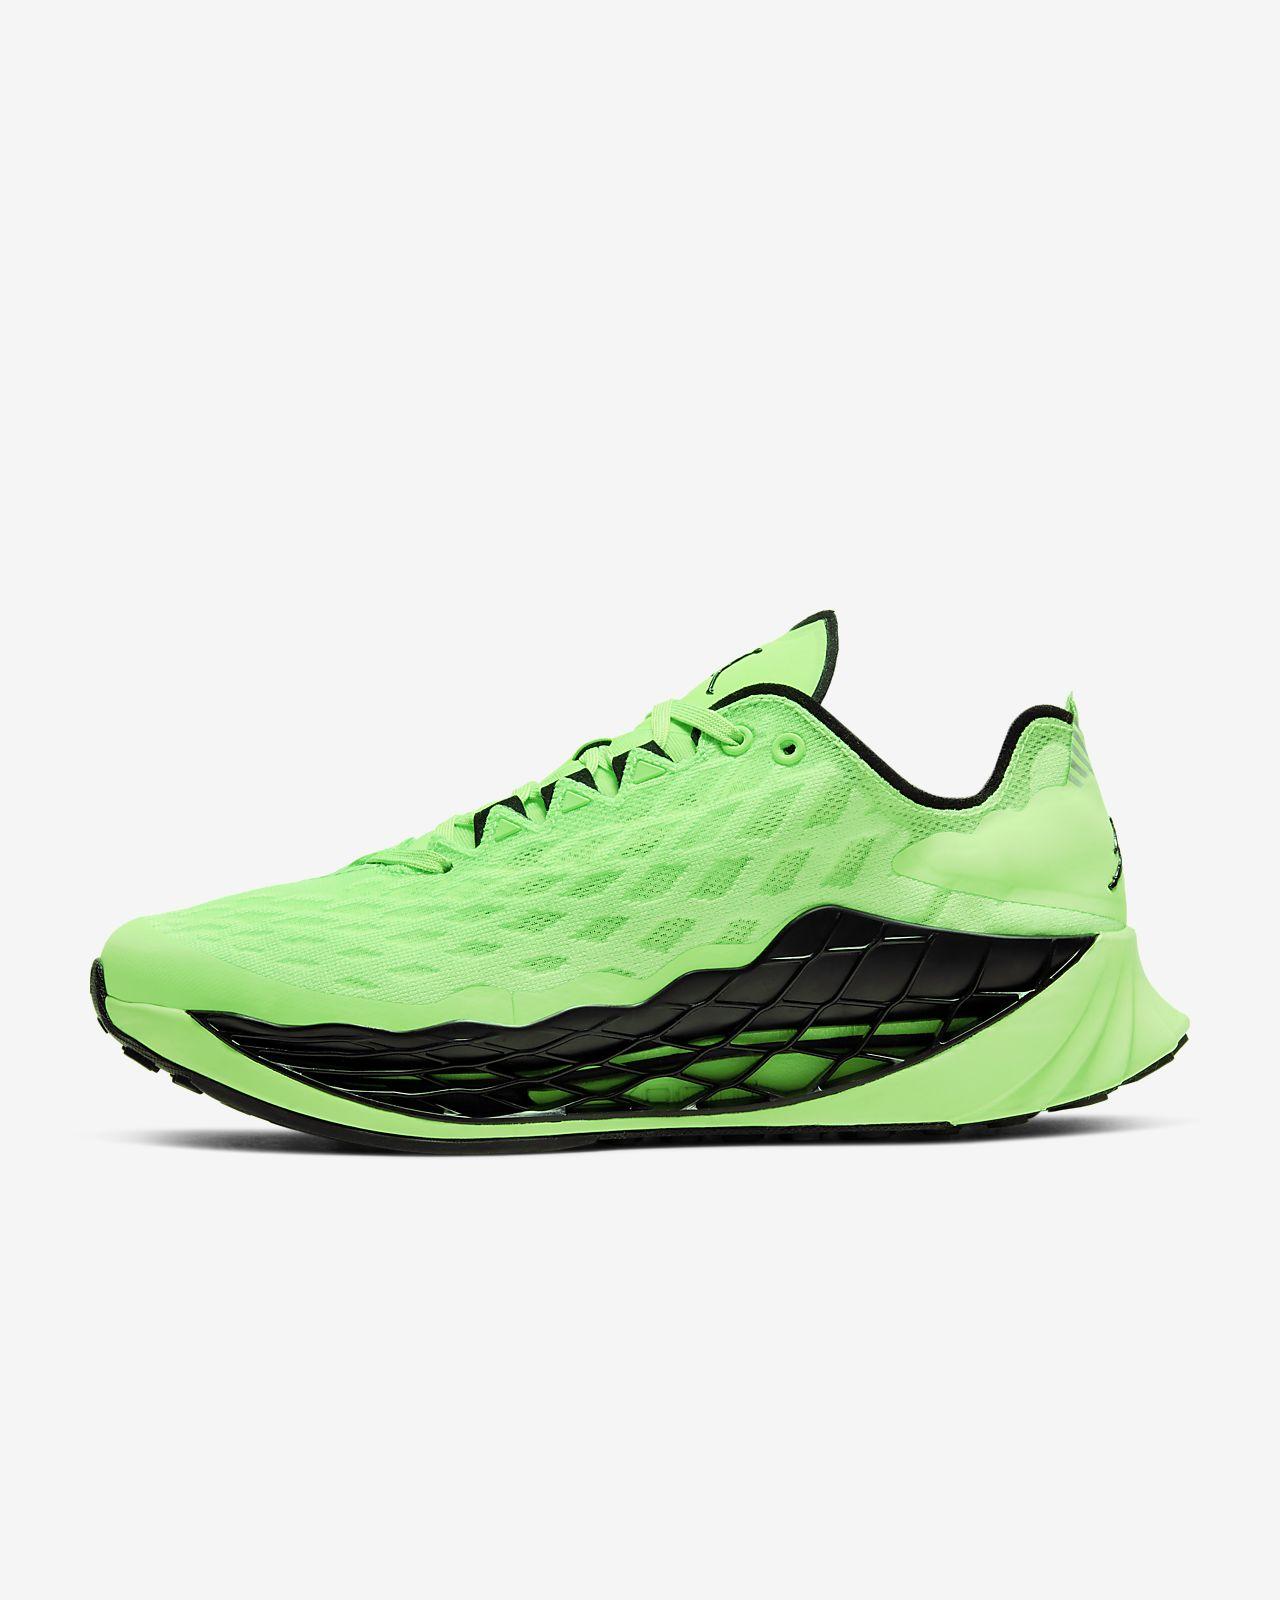 Jordan Zoom Trunner Ultimate Running Shoe